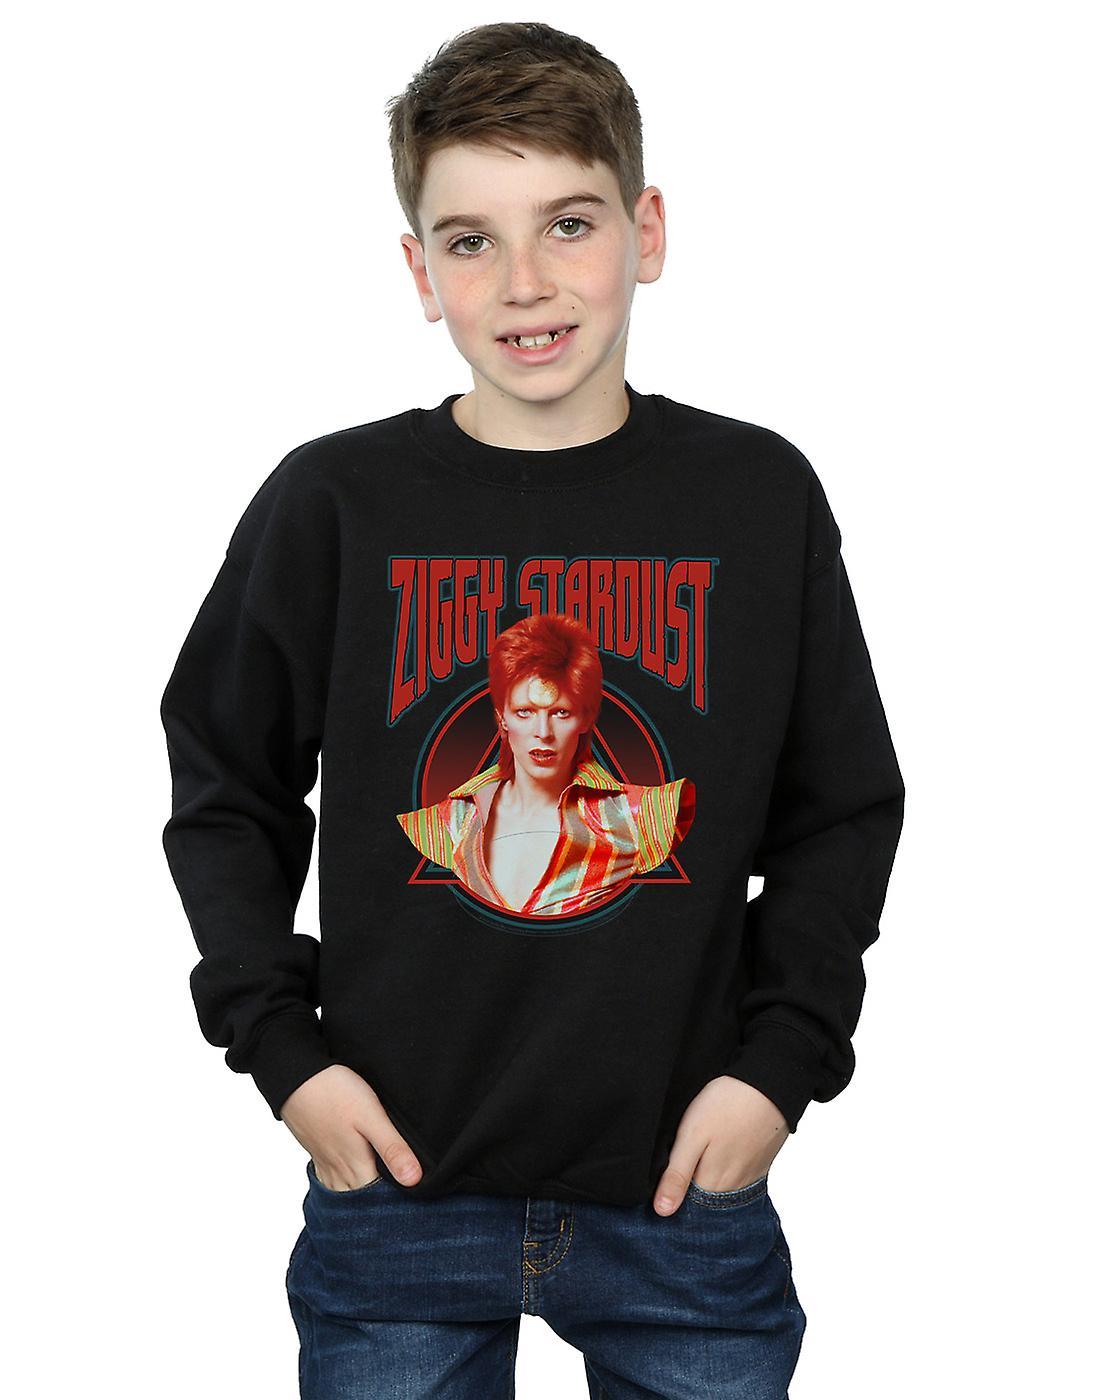 David Bowie Boys Ziggy Stardust Sweatshirt